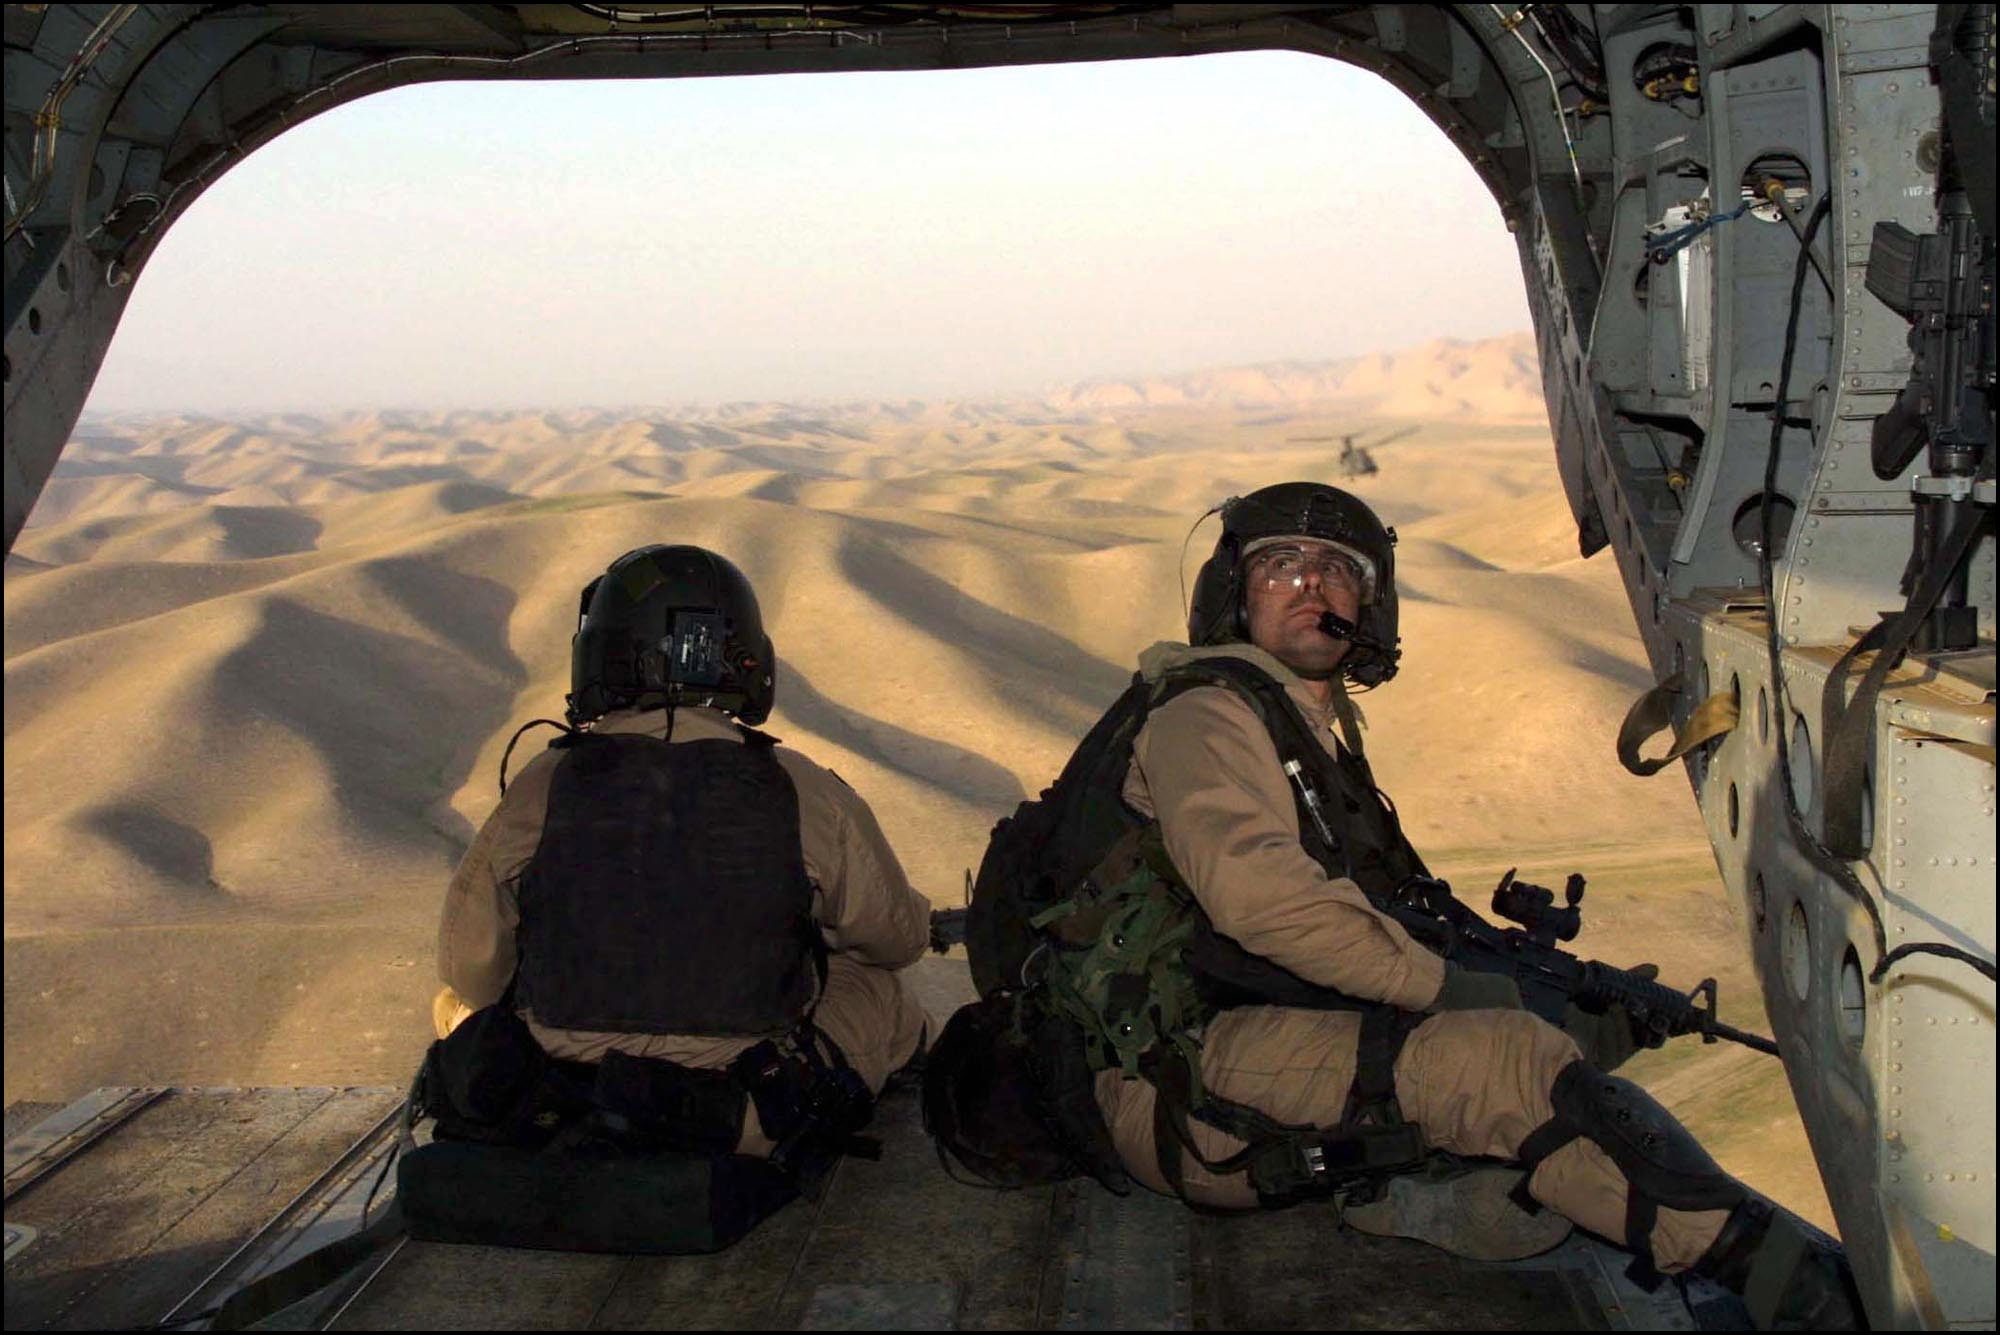 在印太地區 美陸軍特種部隊能扮演何種角色